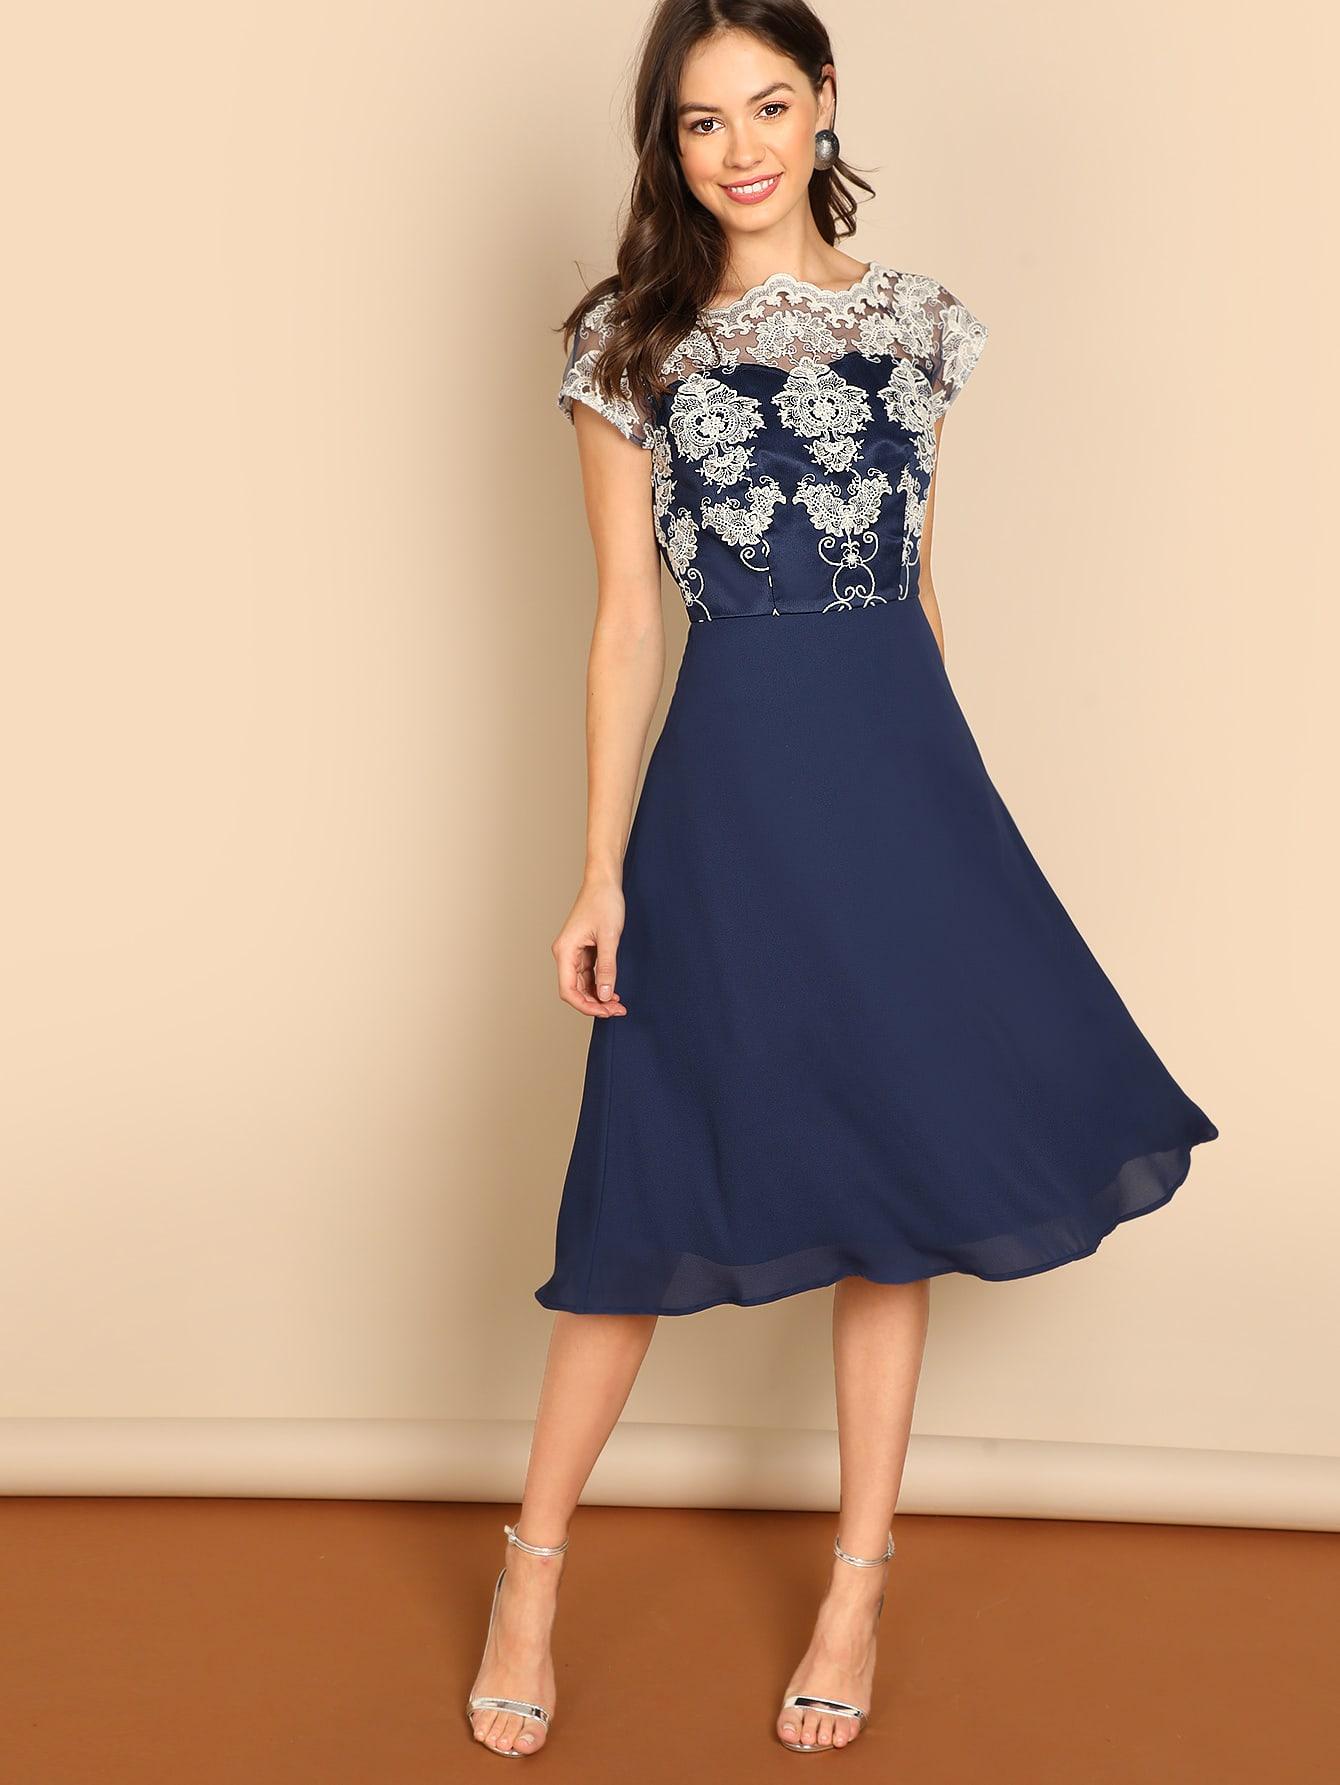 Купить Приталенное платье и топ со сеткой, Beate Muska, SheIn